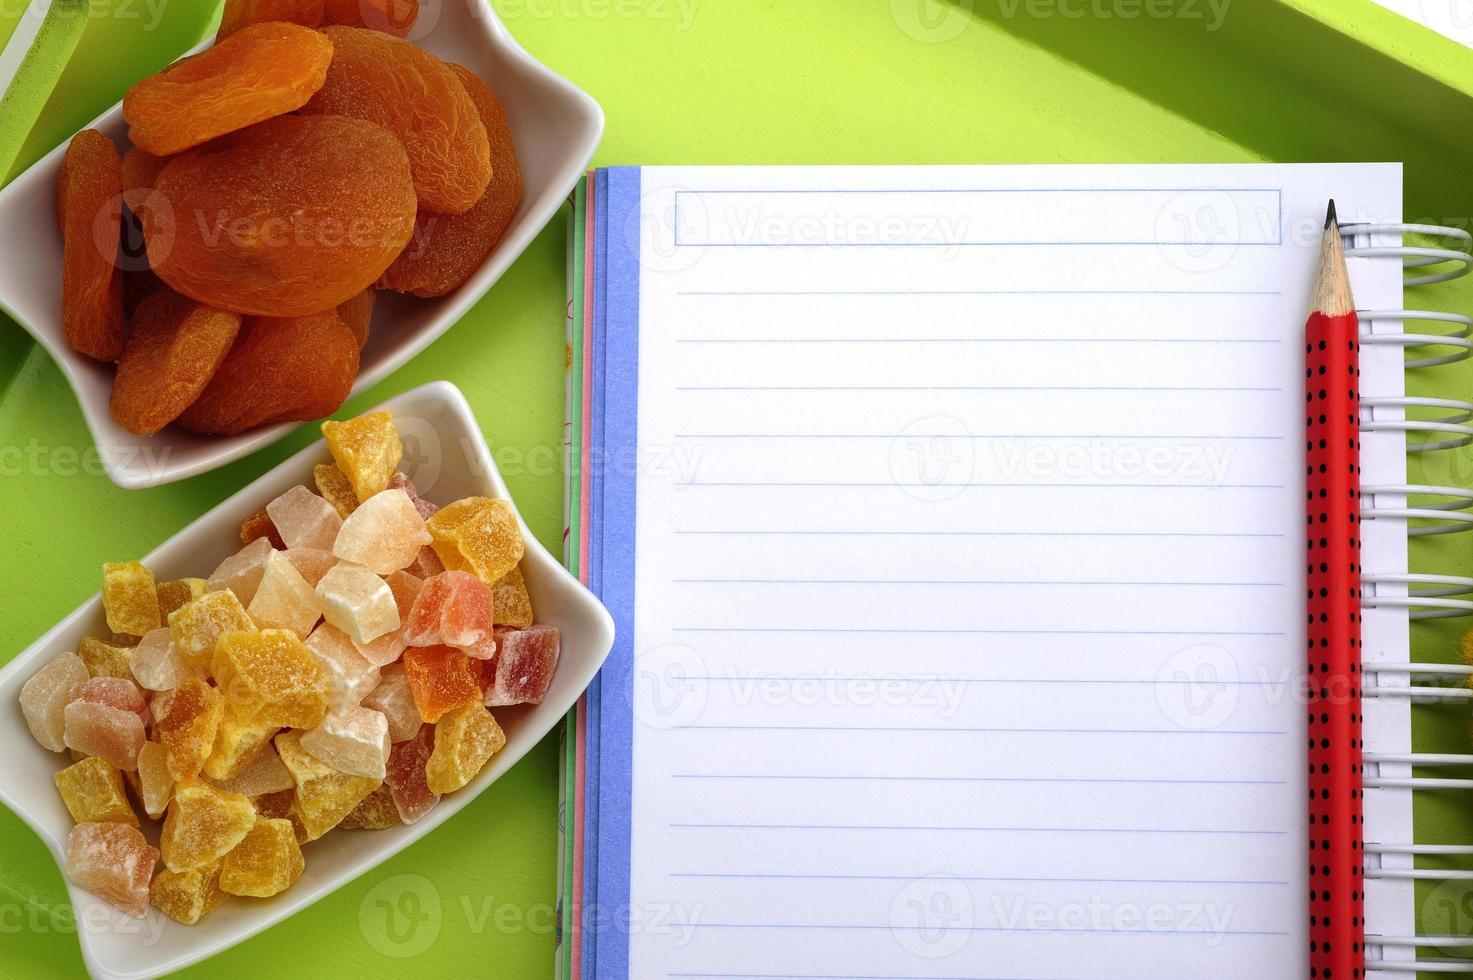 ricettario bianco con frutta candita foto